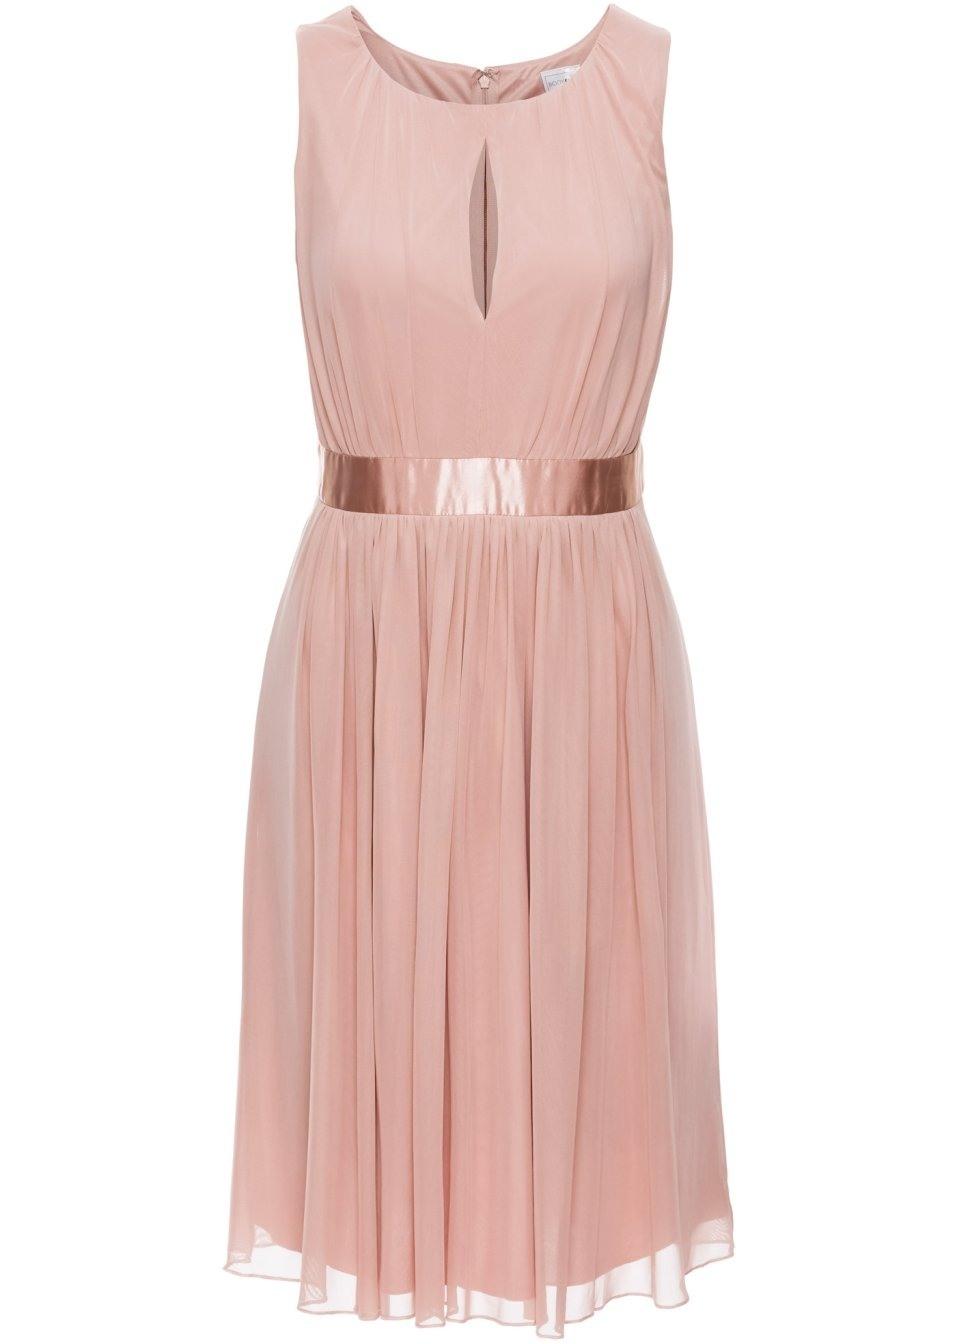 13 Großartig Kleid Rosa Langarm für 201917 Einfach Kleid Rosa Langarm Spezialgebiet